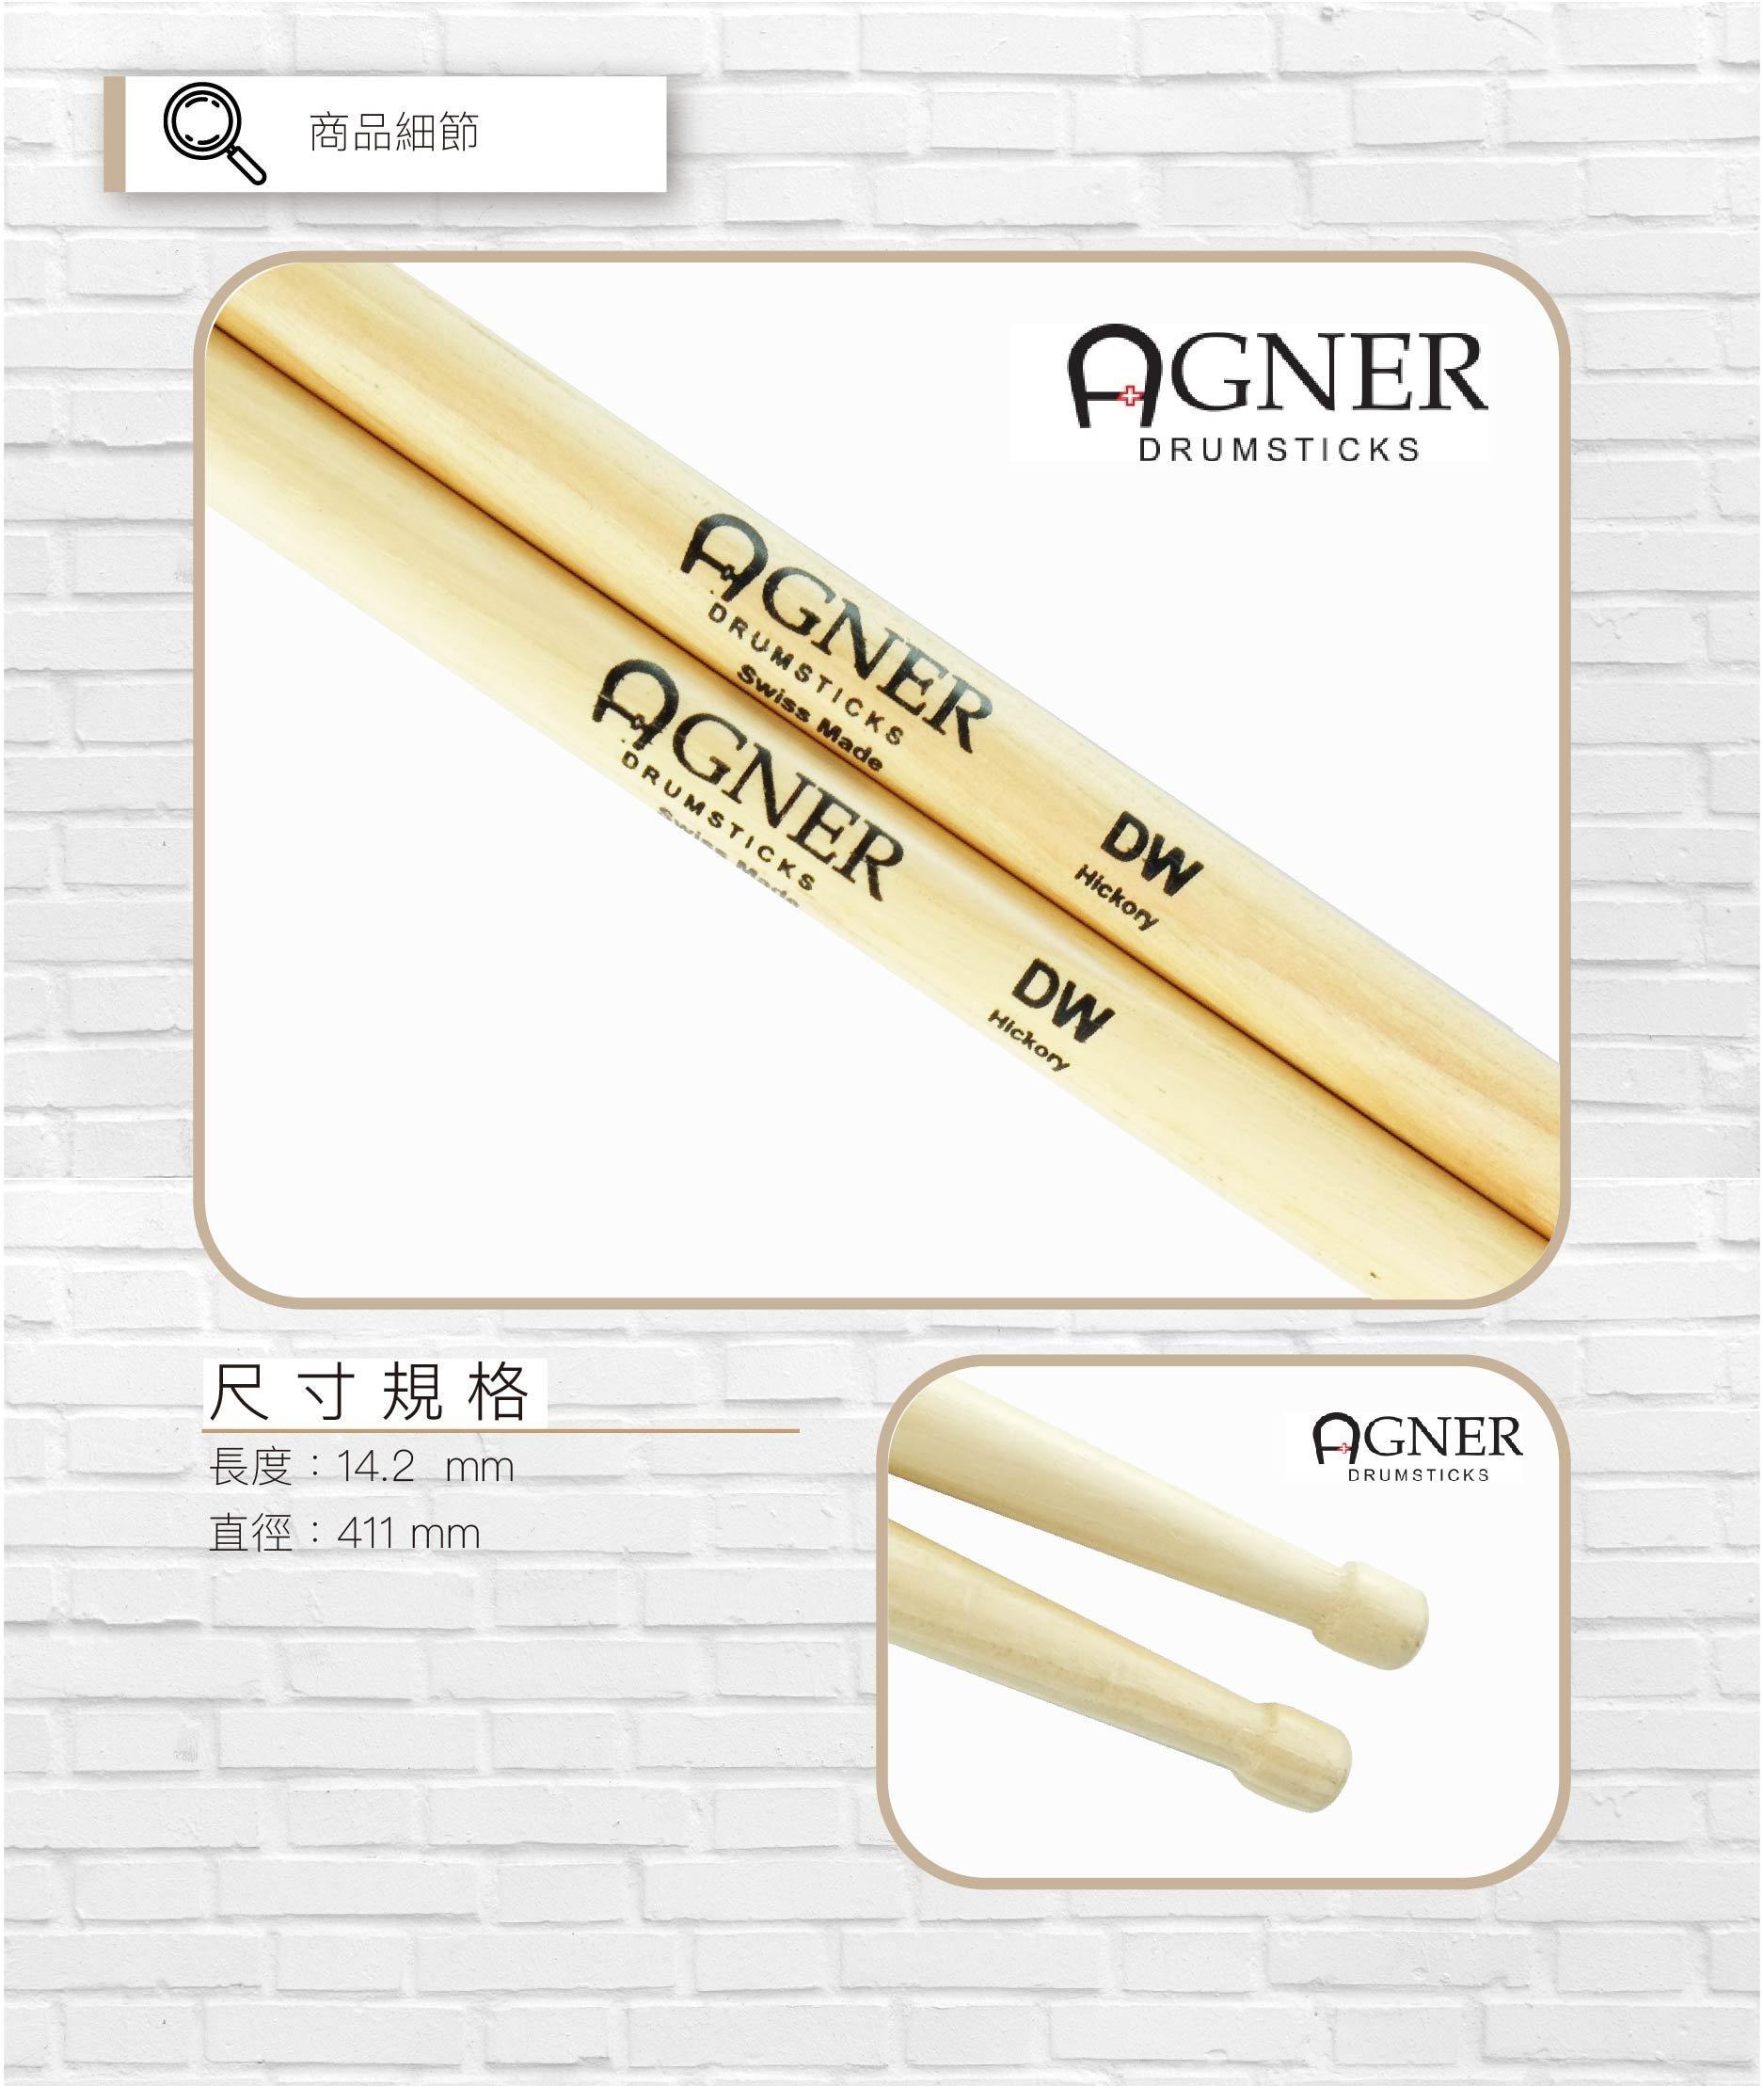 鼓棒 瑞士品牌 AGNER Swissdrumsticks DW 胡桃木 爵士鼓 -【黃石樂器】